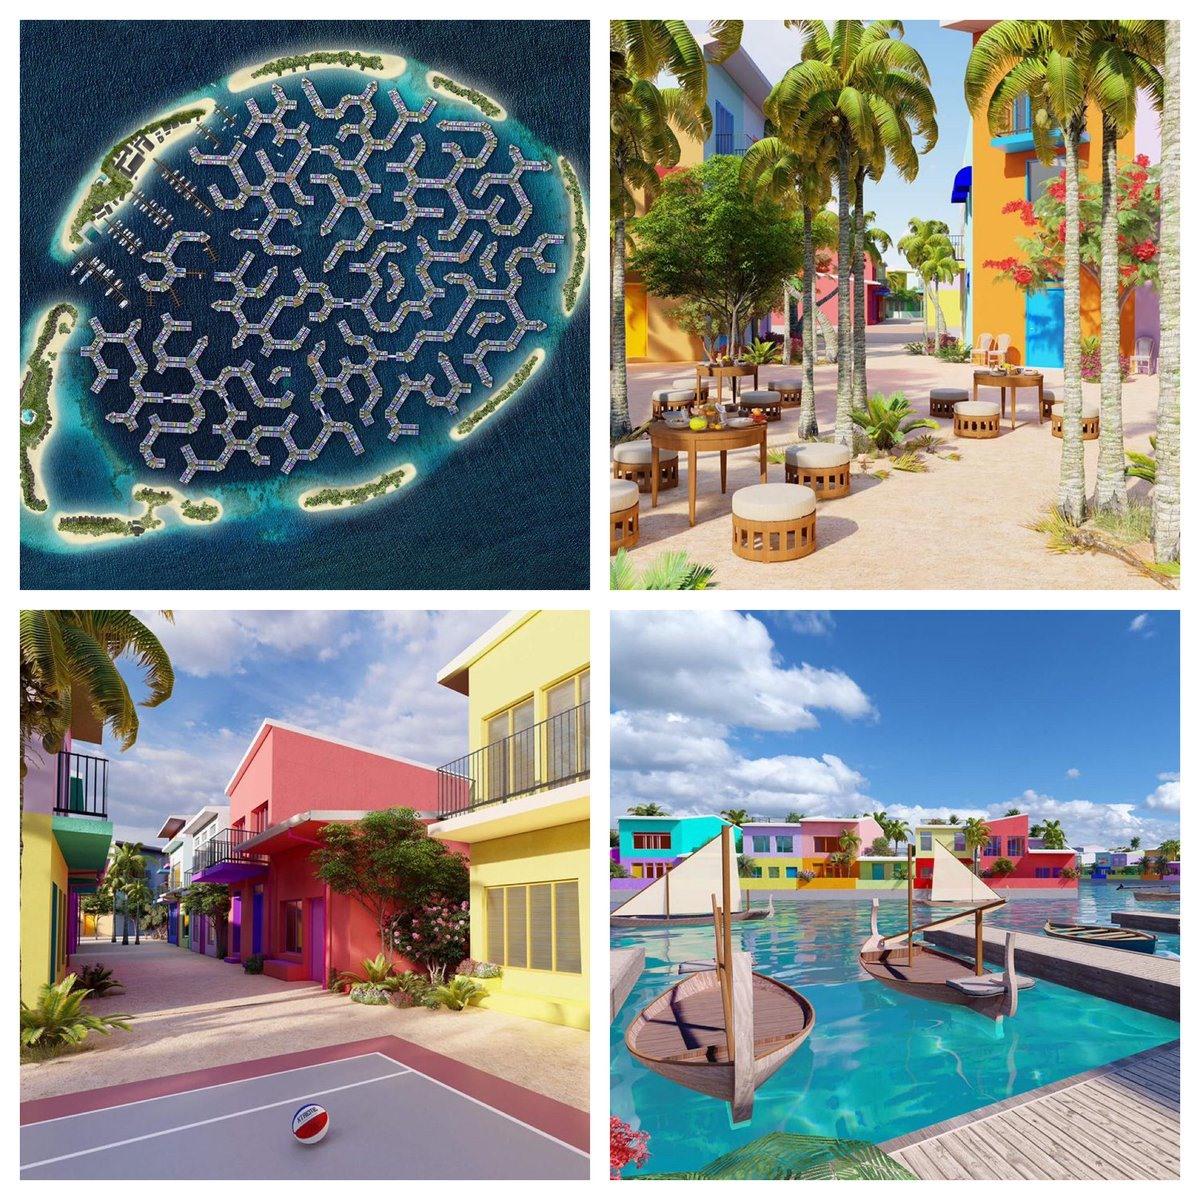 Thiết kế của thành phố đảo nổi Maldives. Ảnh: @Maldivesfloatingcity